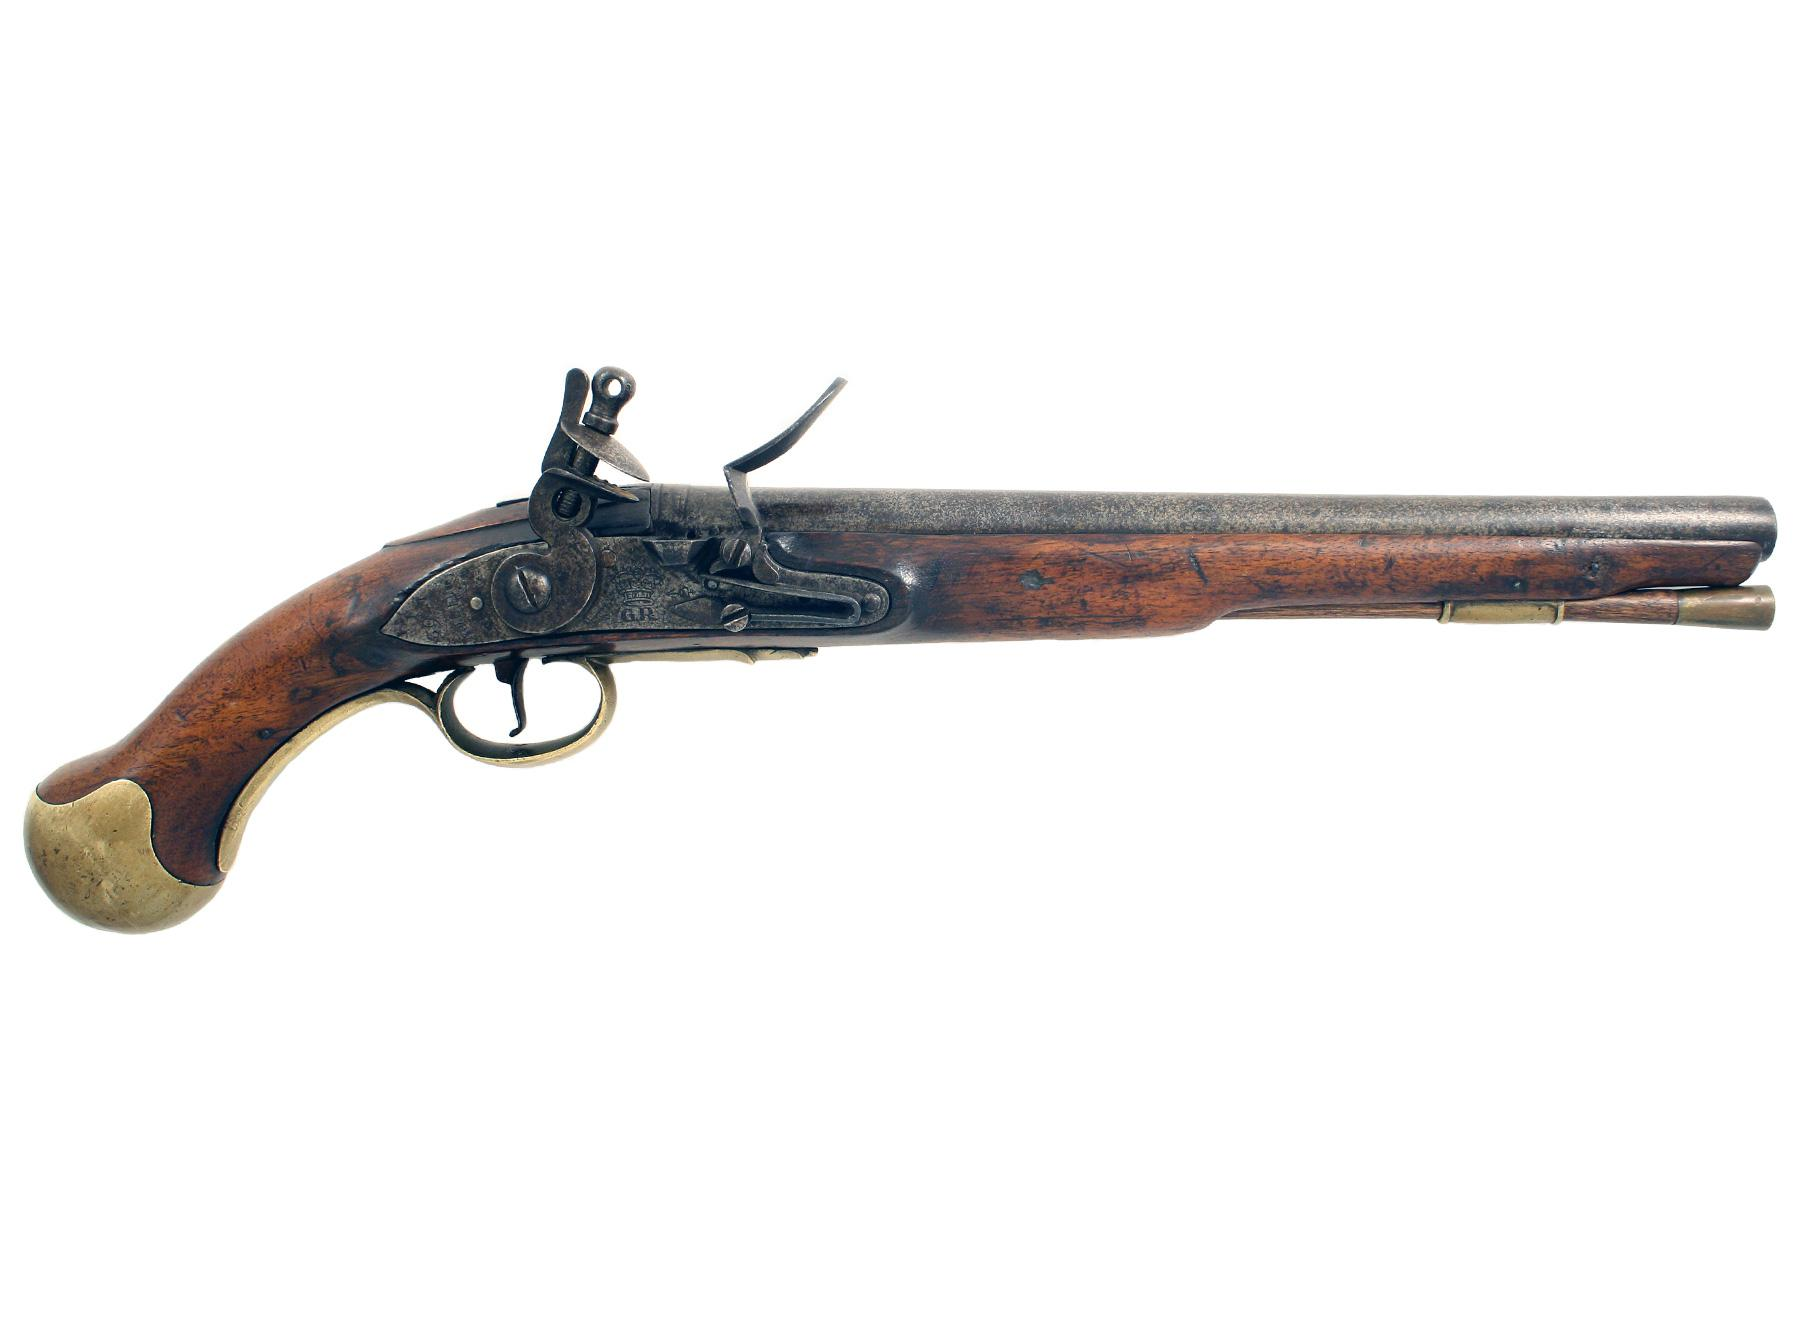 A Rare Pattern 1716 Sea Service Pistol